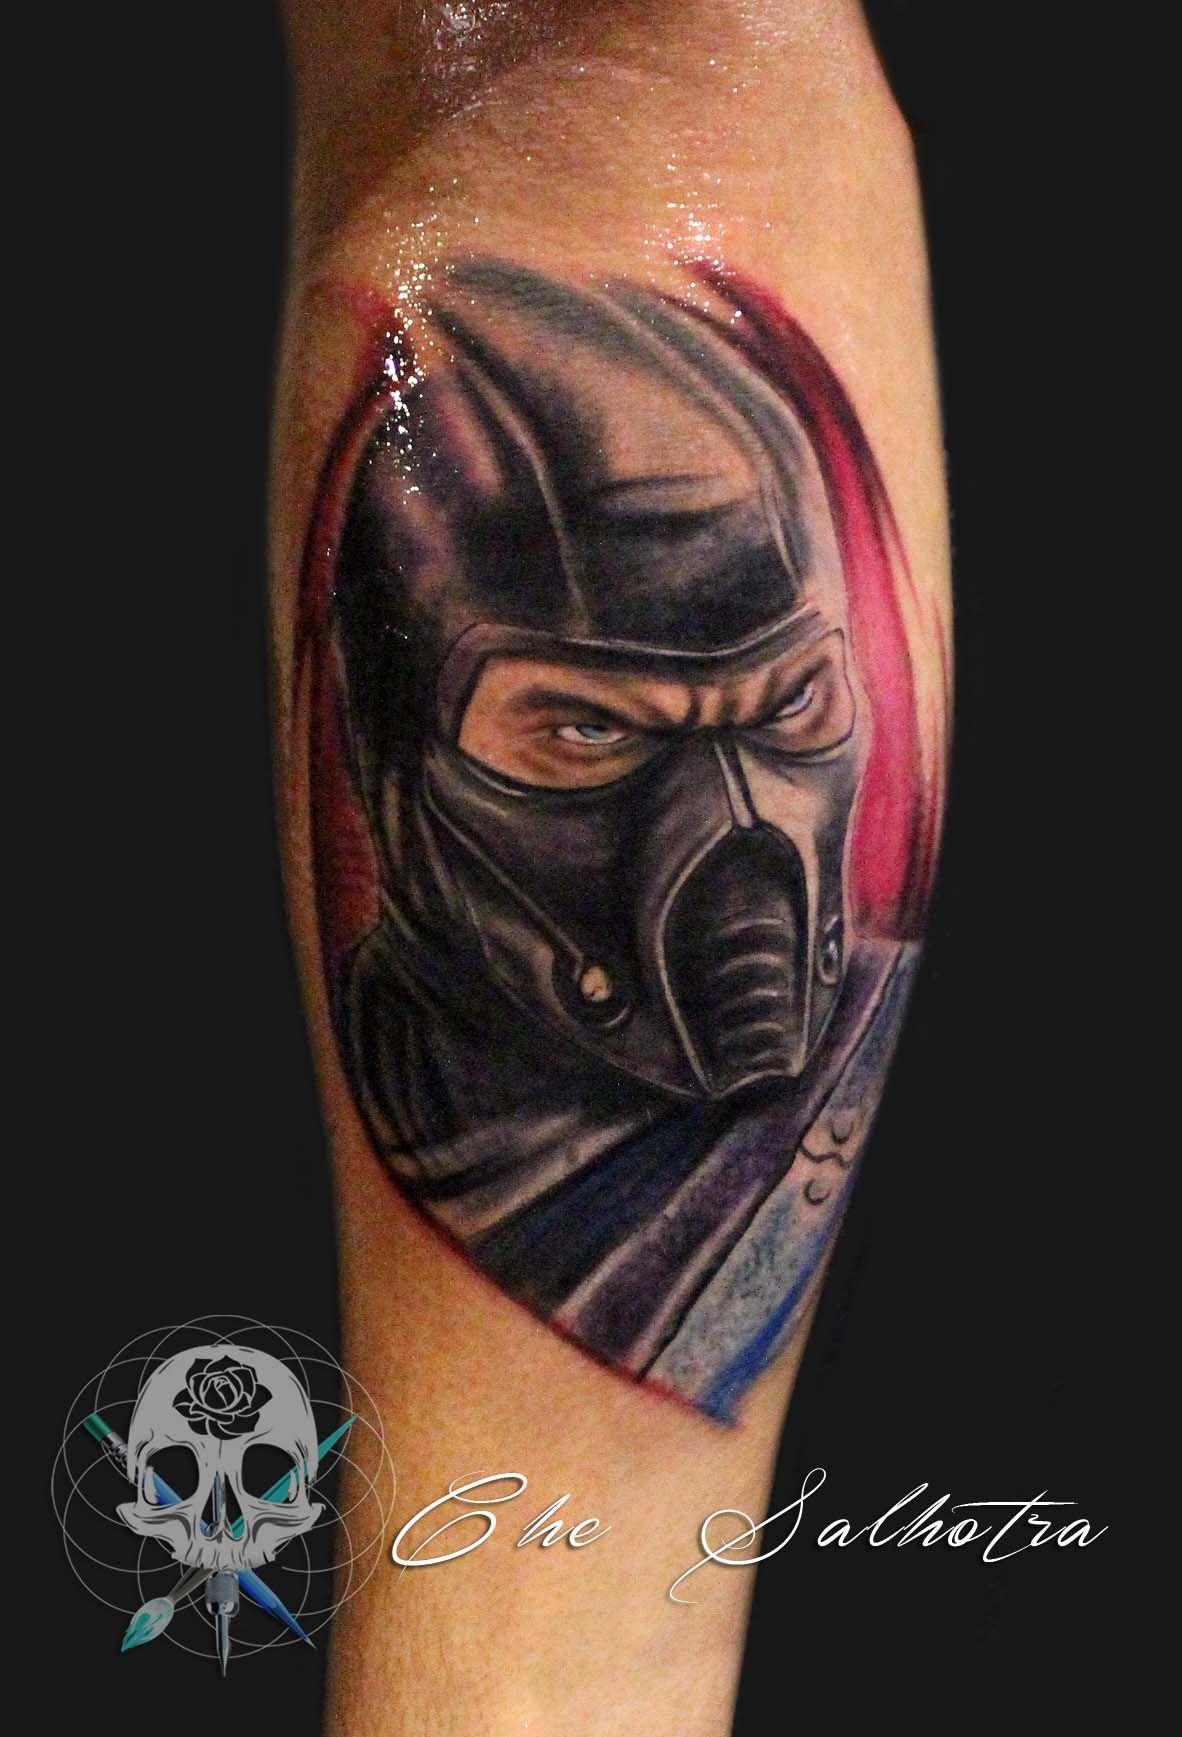 Sub-zero from the mortal kombat | Tattoos, Tattoo